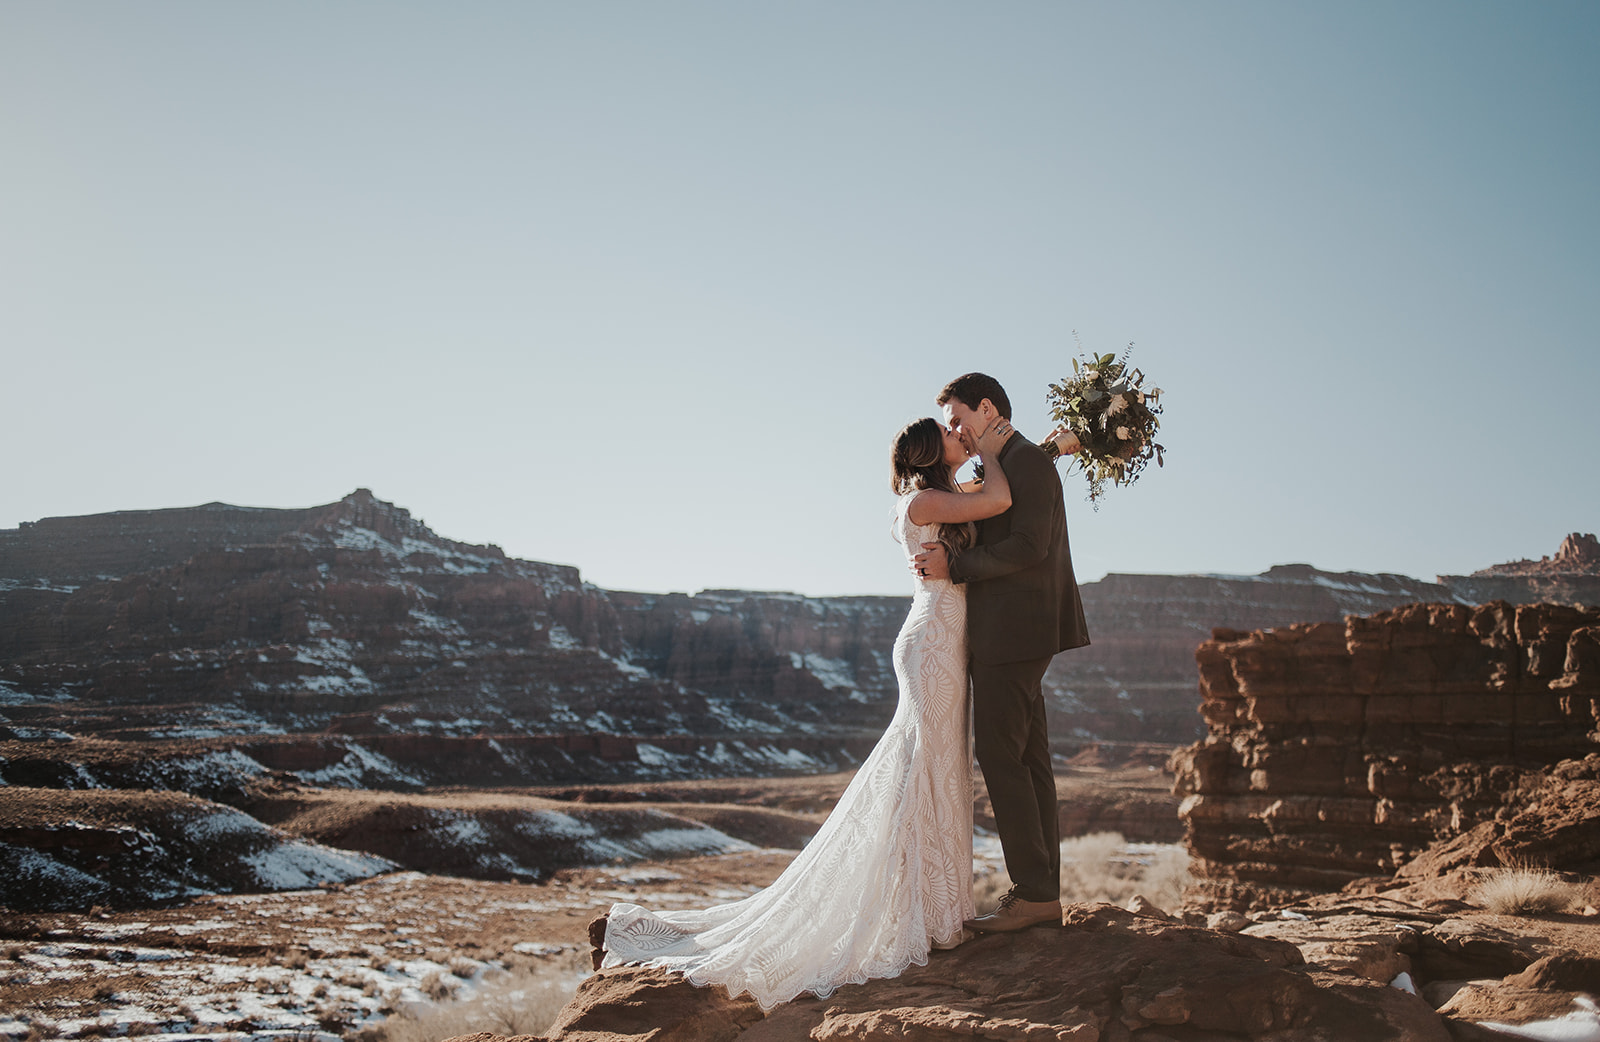 jamie+weston bridals-9.jpg